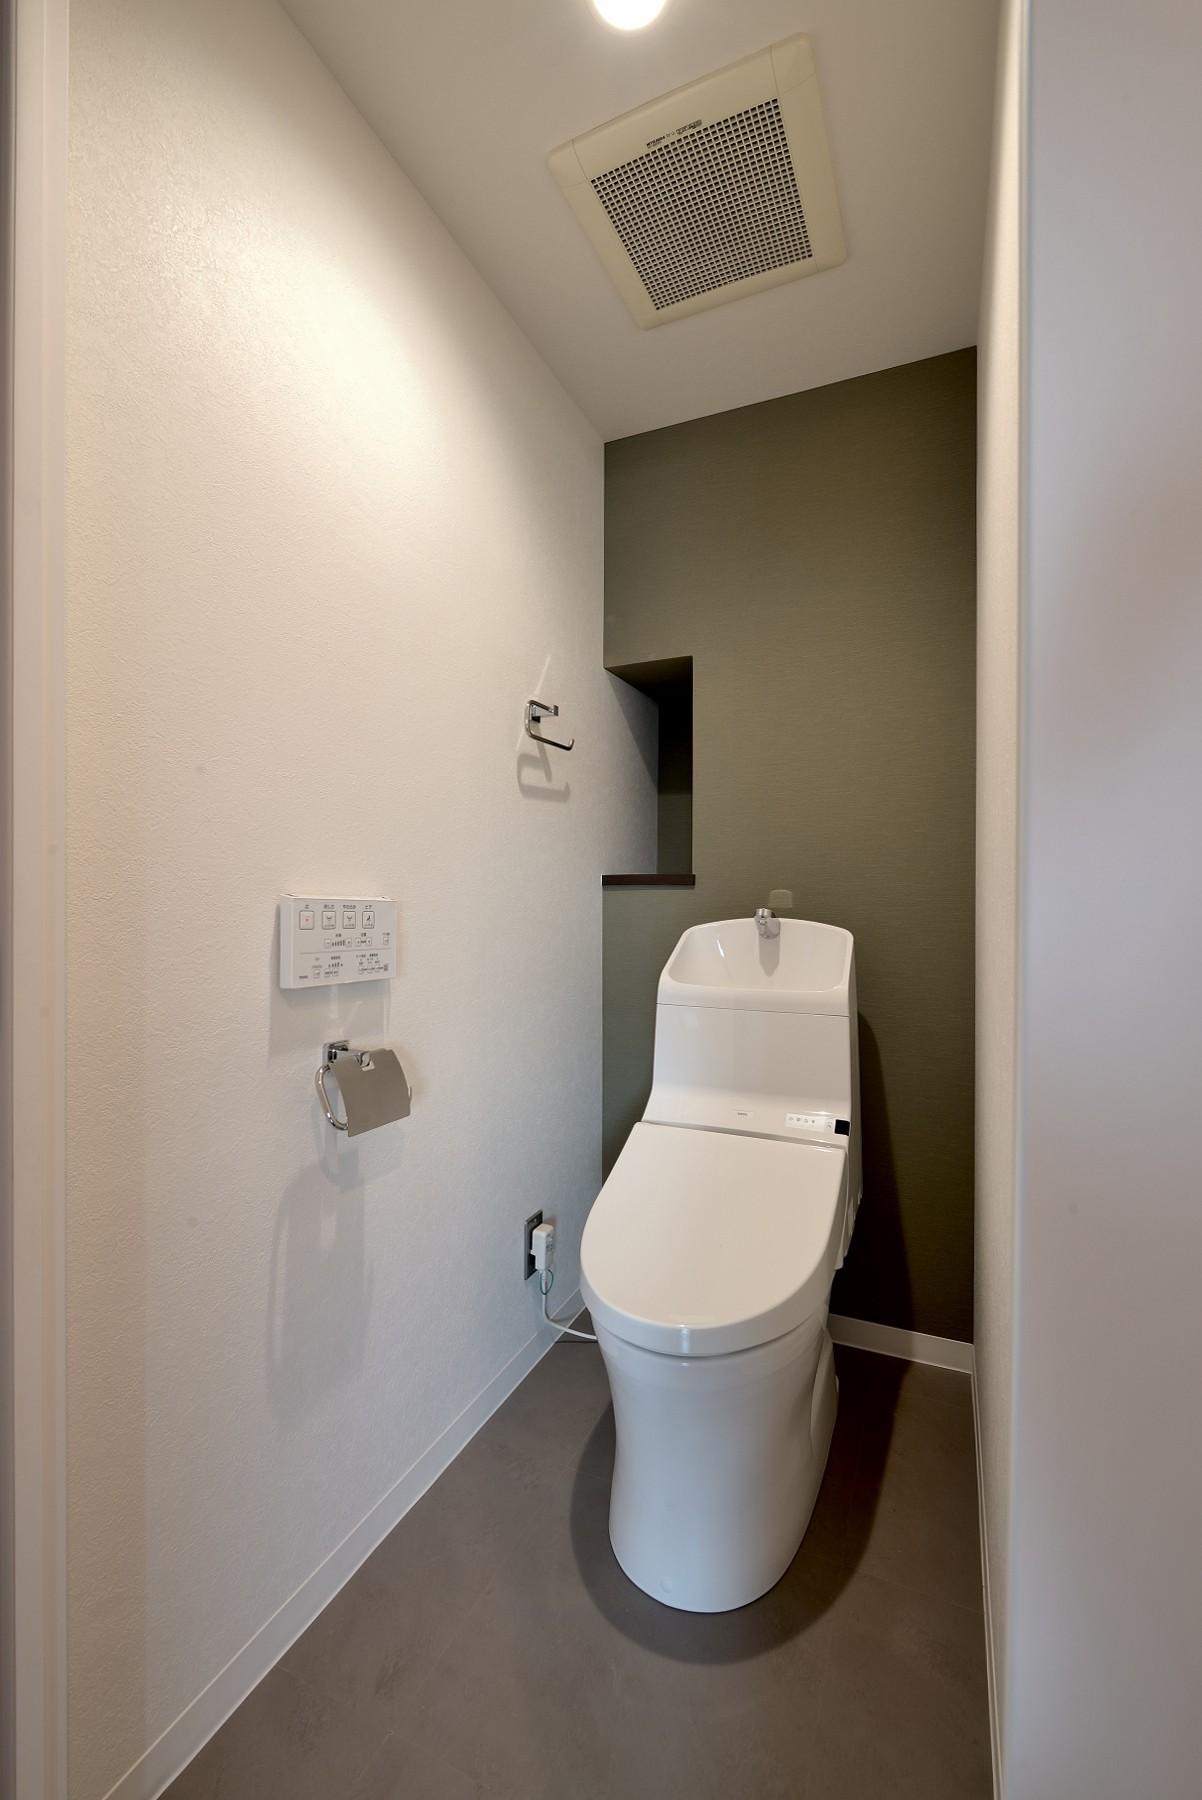 バス/トイレ事例:トイレ(モルタル仕上げのキッチン×キャットステップのあるワンストップリノベーション住まい)